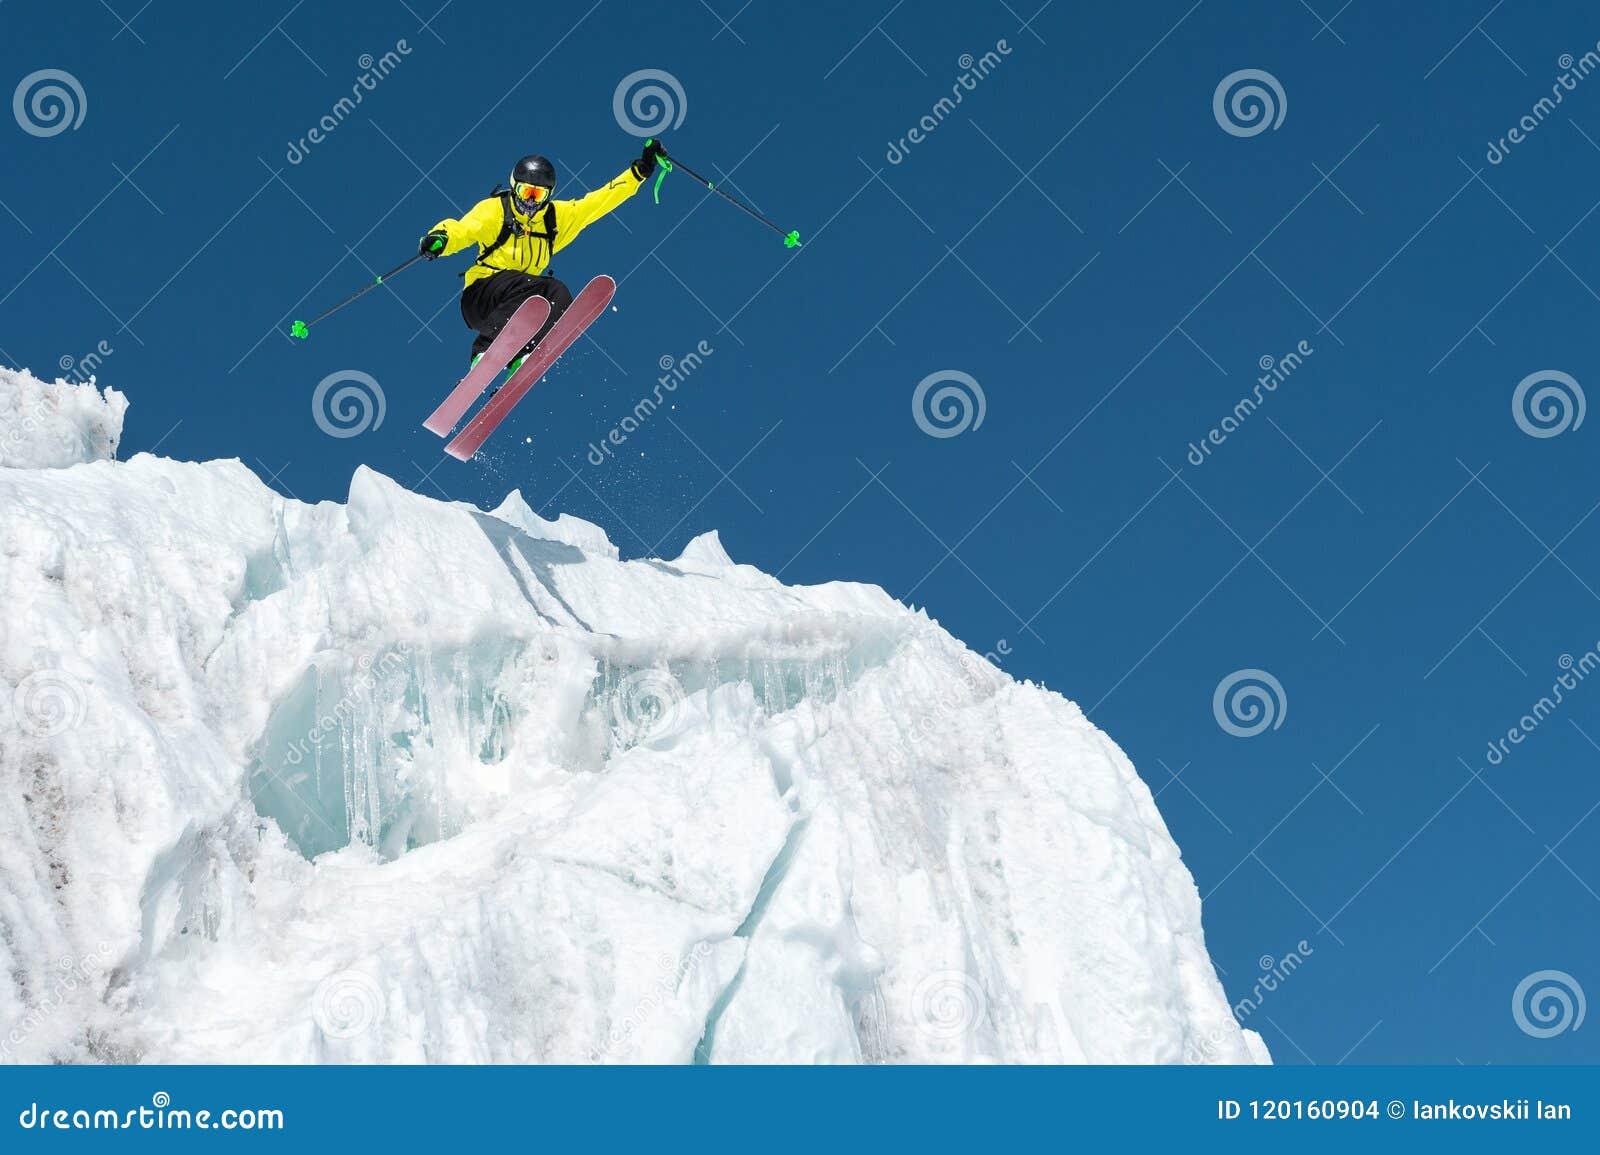 Ένας πηδώντας σκιέρ που πηδά από έναν παγετώνα ενάντια σε έναν μπλε ουρανό - υψηλό στα βουνά Επαγγελματικό να κάνει σκι